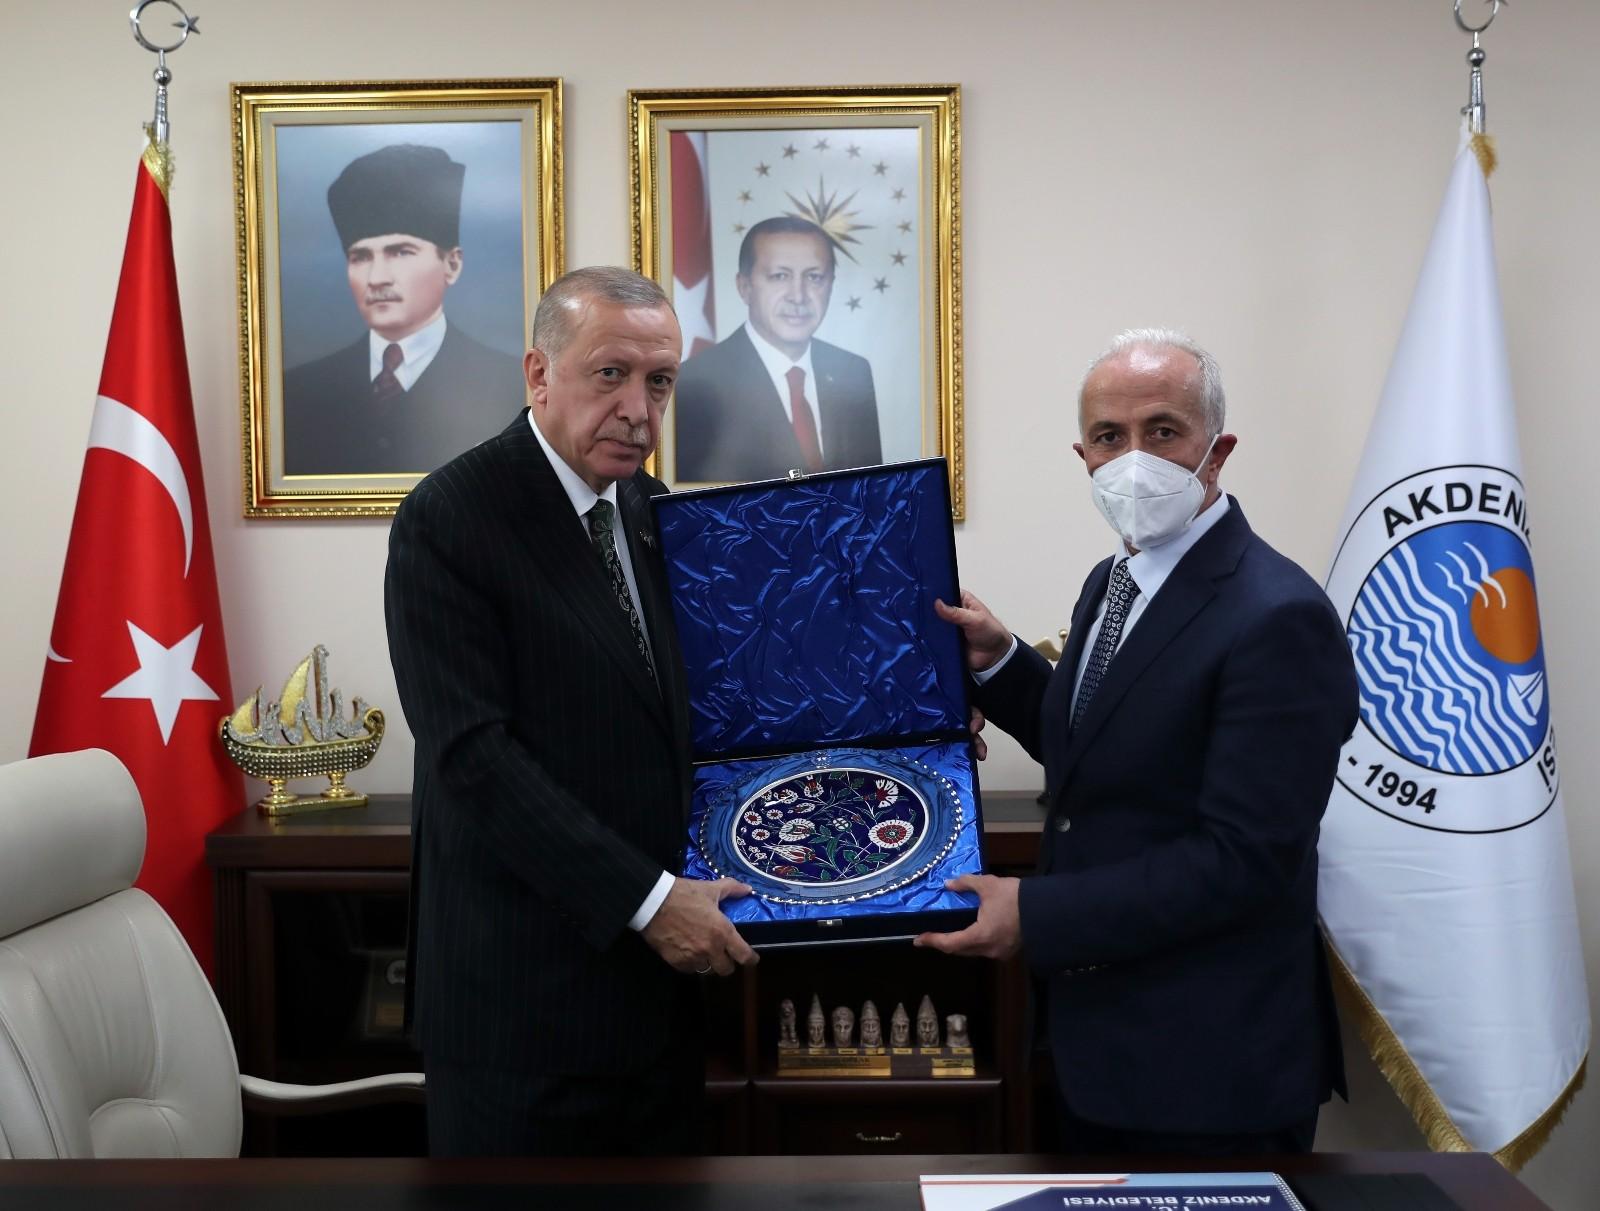 cumhurbaskani erdogan akdeniz belediyesini ziyaret etti